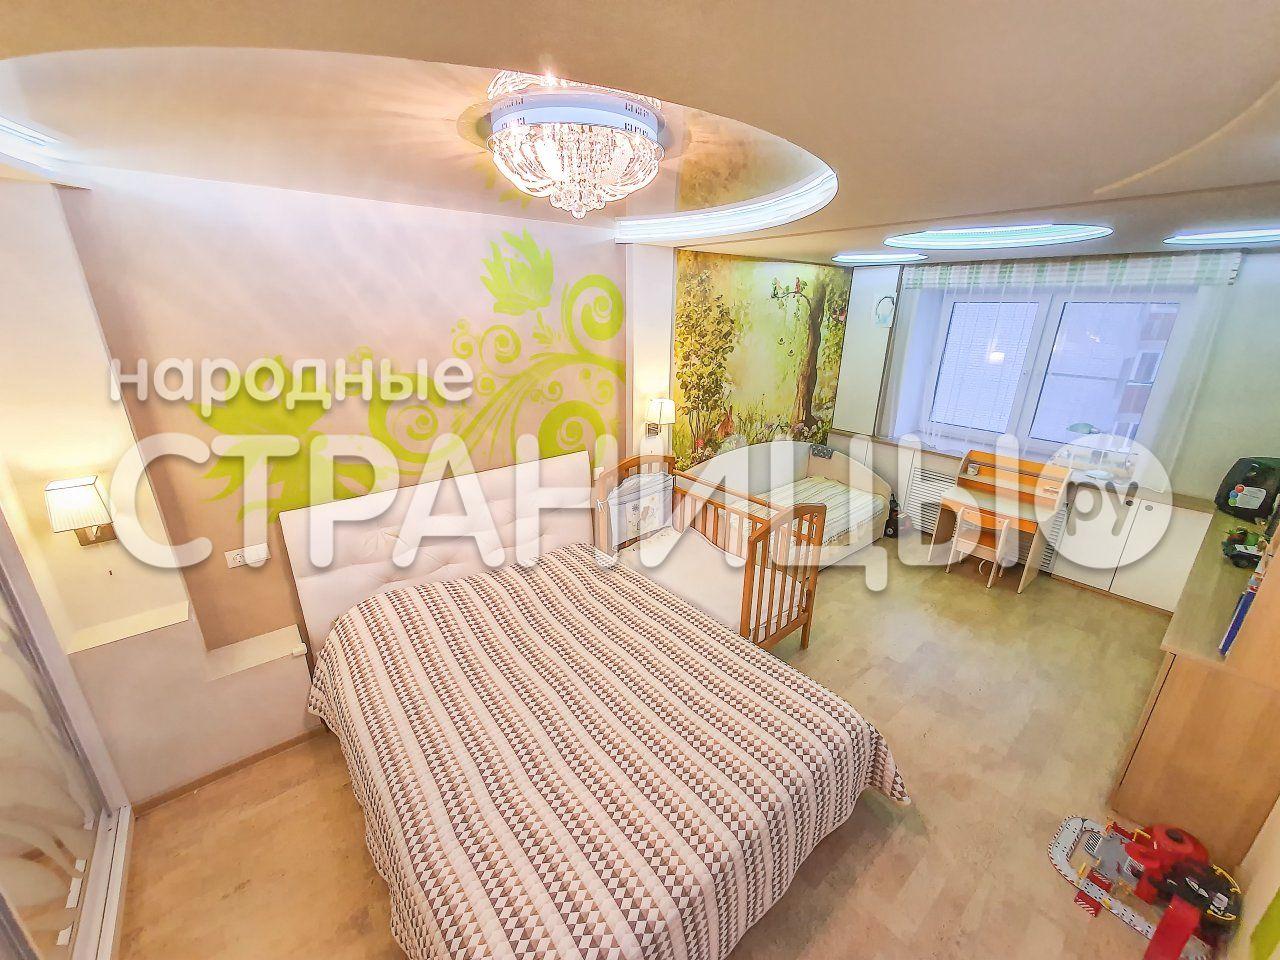 2-комнатная квартира, 61.6 м²,  6/9 эт. Кирпичный дом